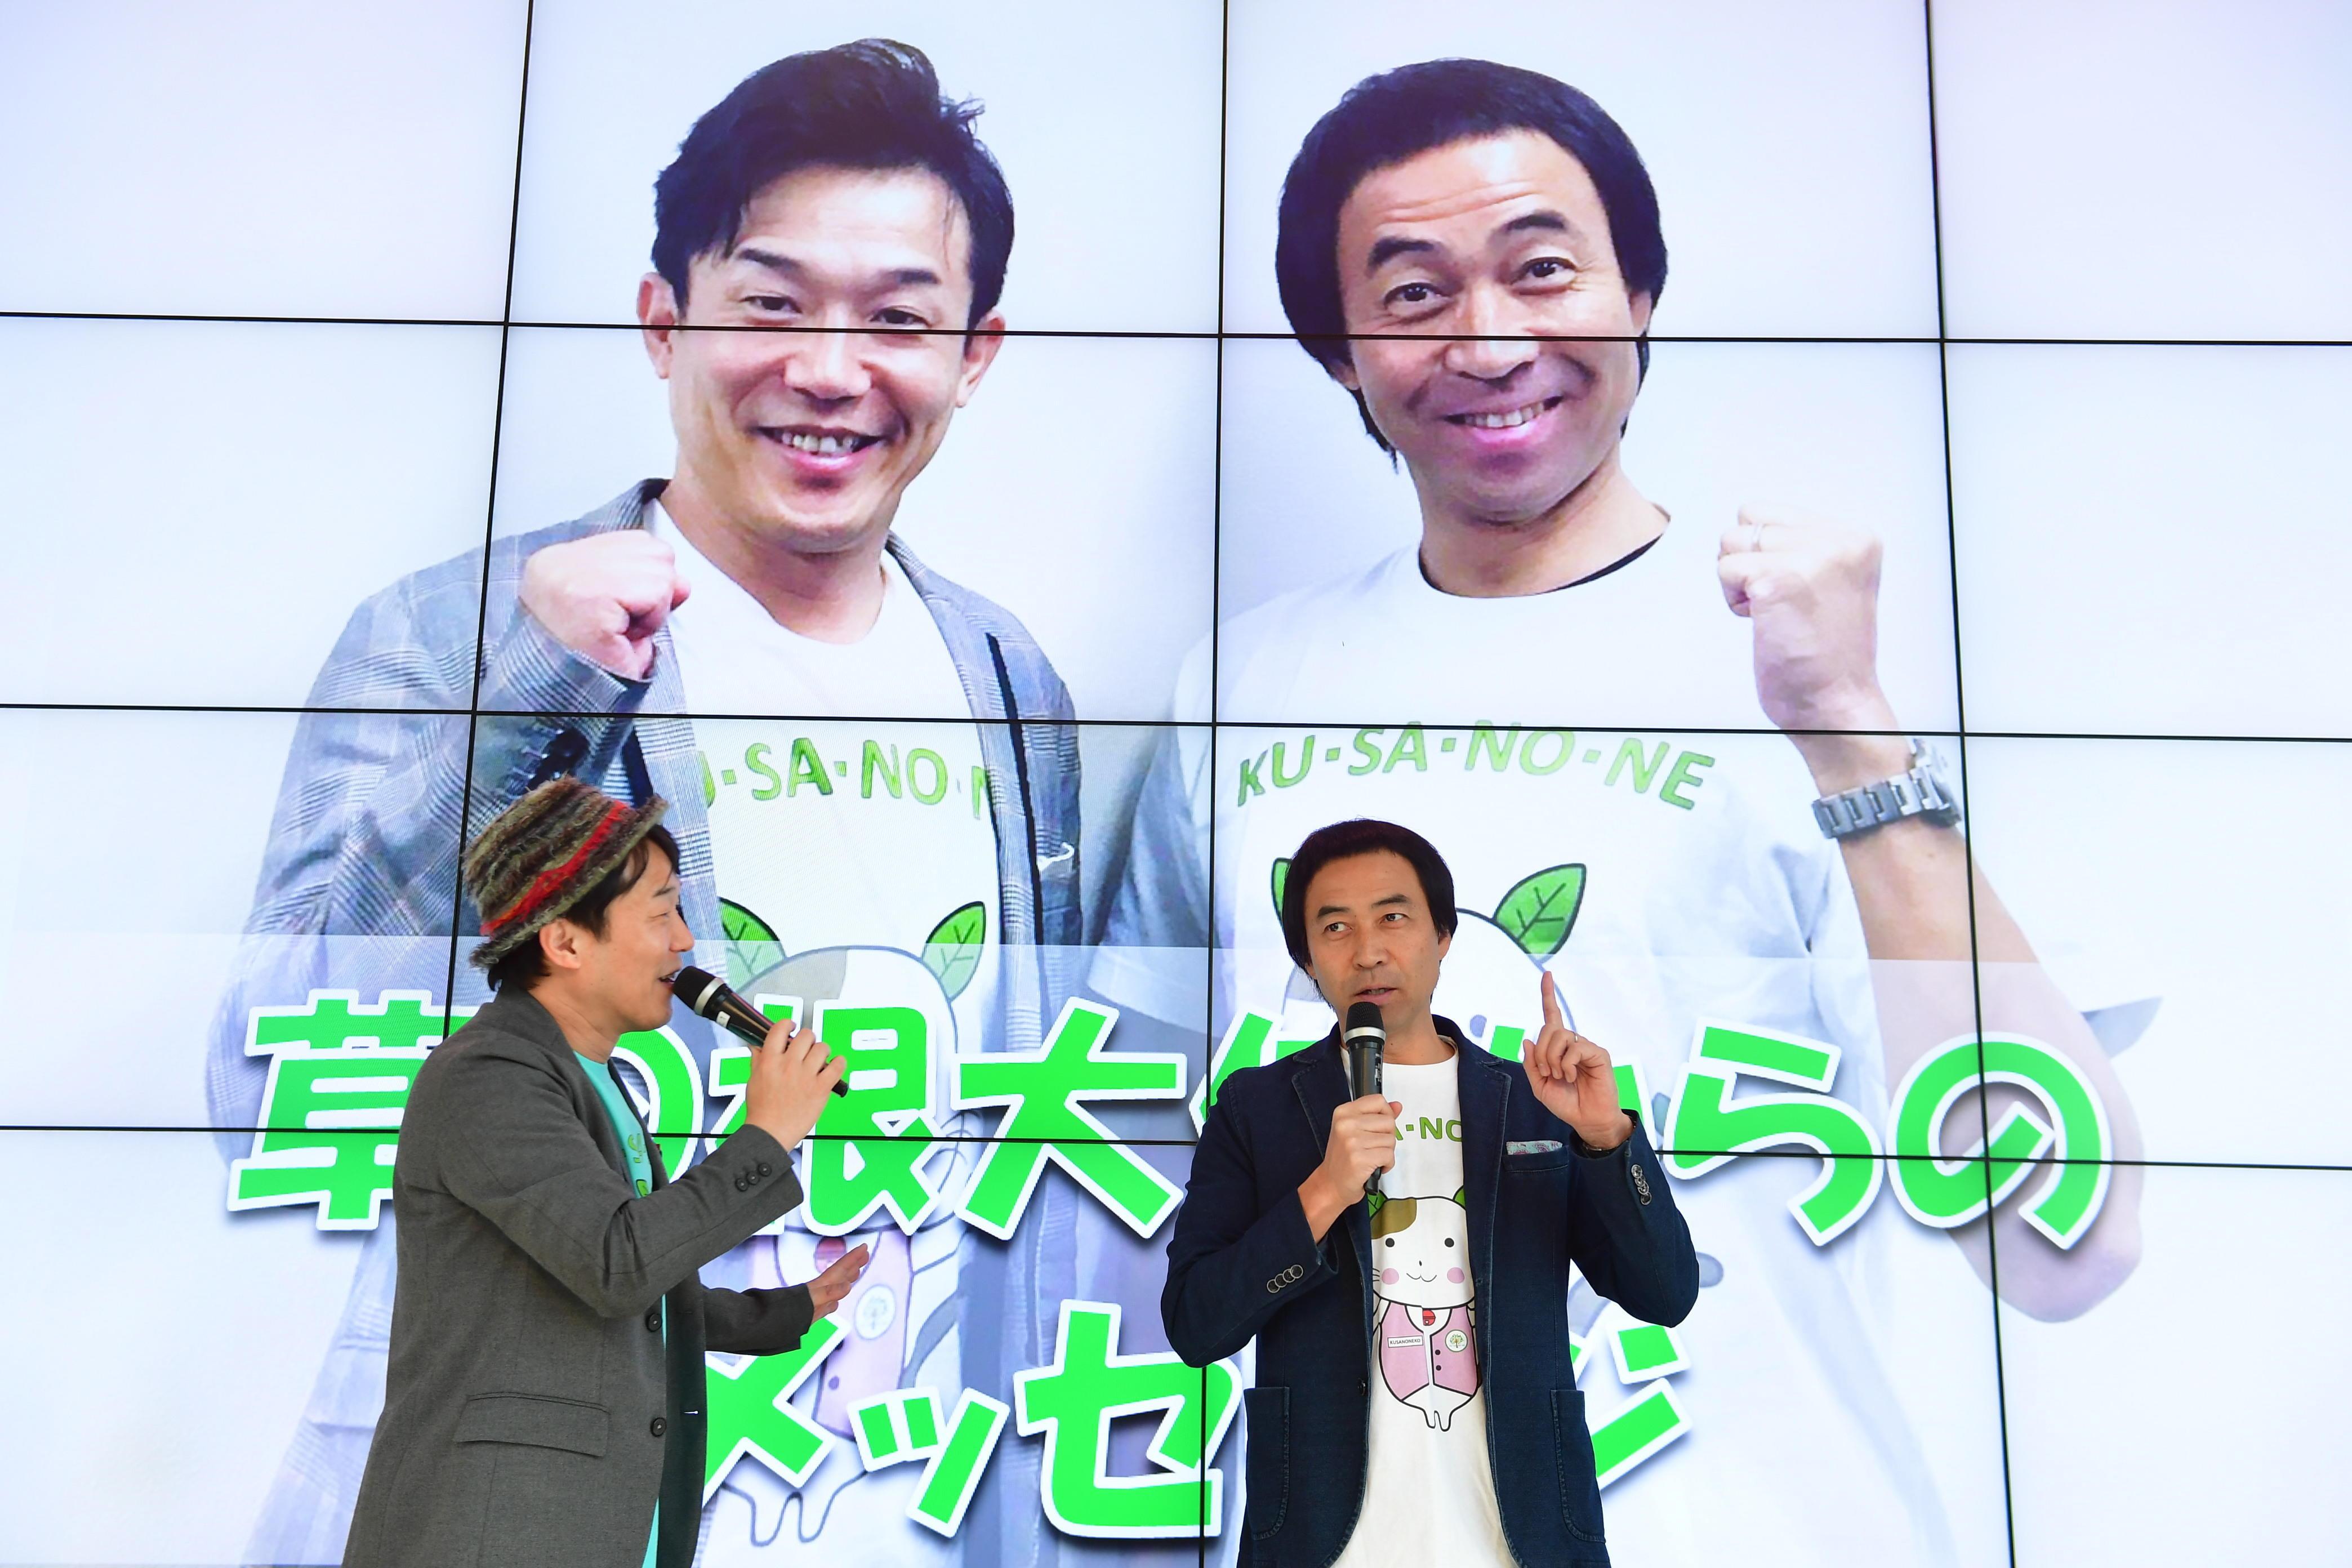 http://news.yoshimoto.co.jp/20190203131640-bcee25f5cb17b80524c3a0df1b28ad6503d36629.jpg